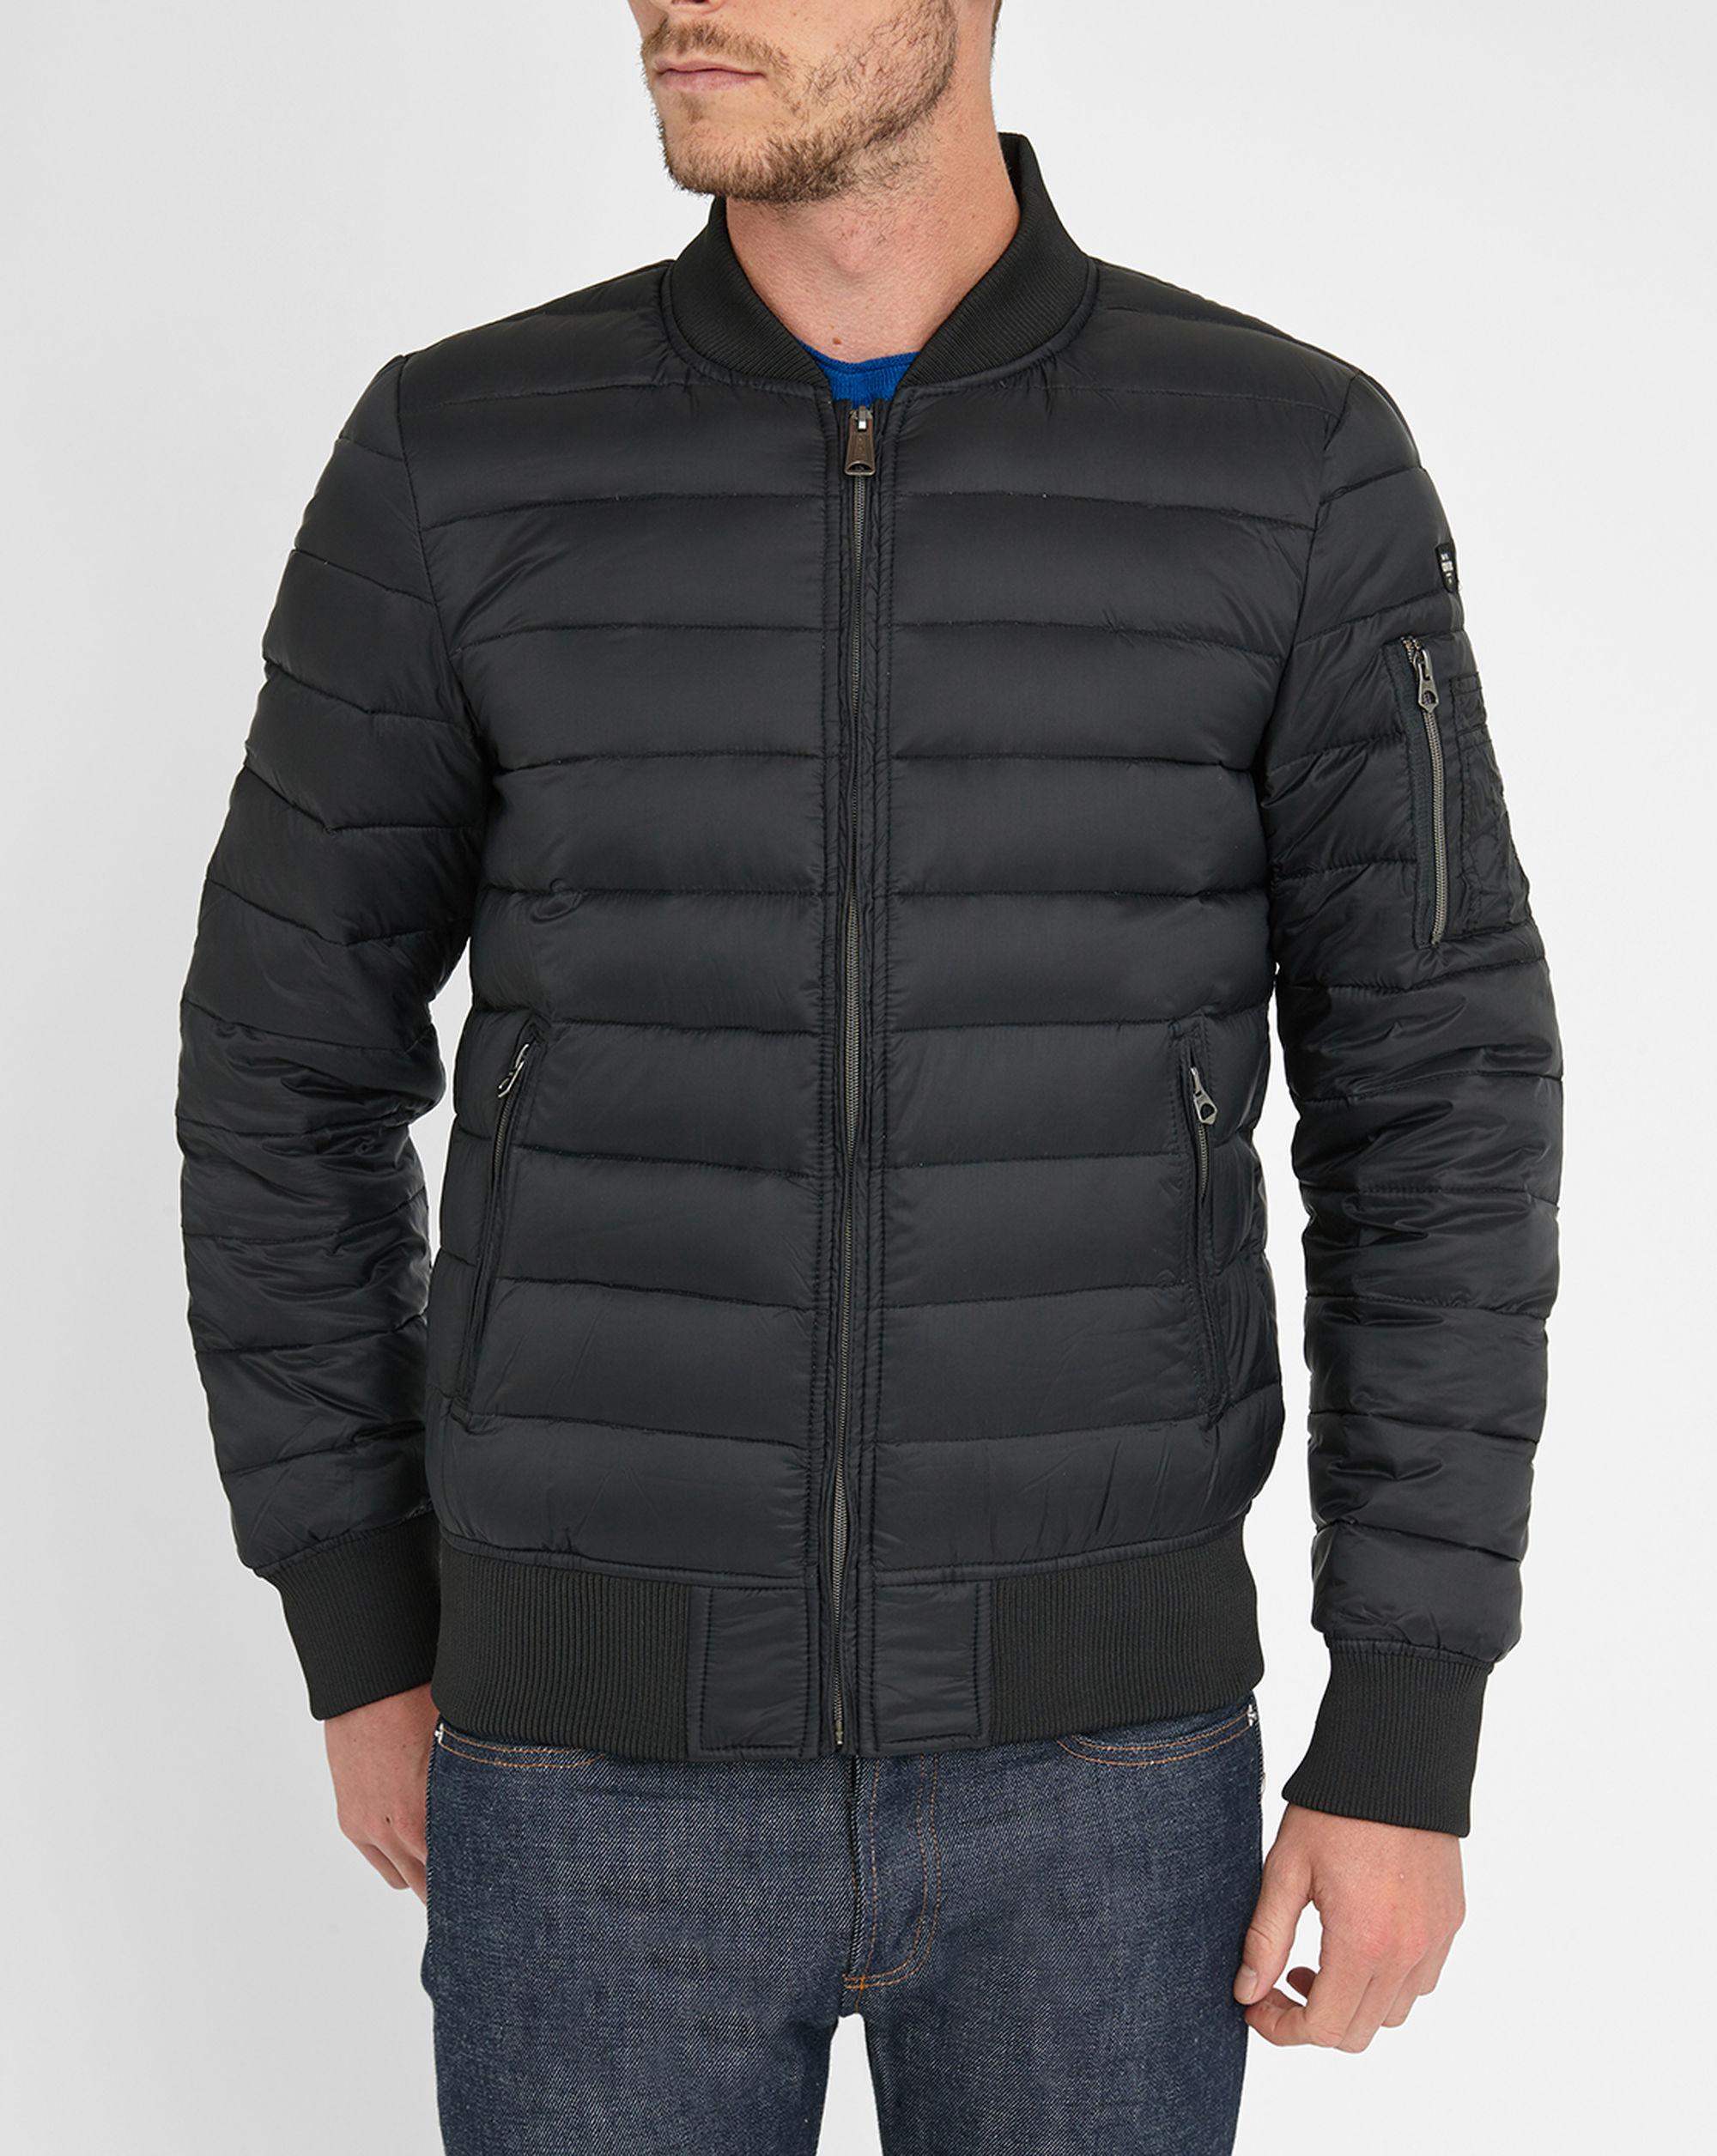 schott nyc black norfolk feather down bomber jacket in black for men lyst. Black Bedroom Furniture Sets. Home Design Ideas